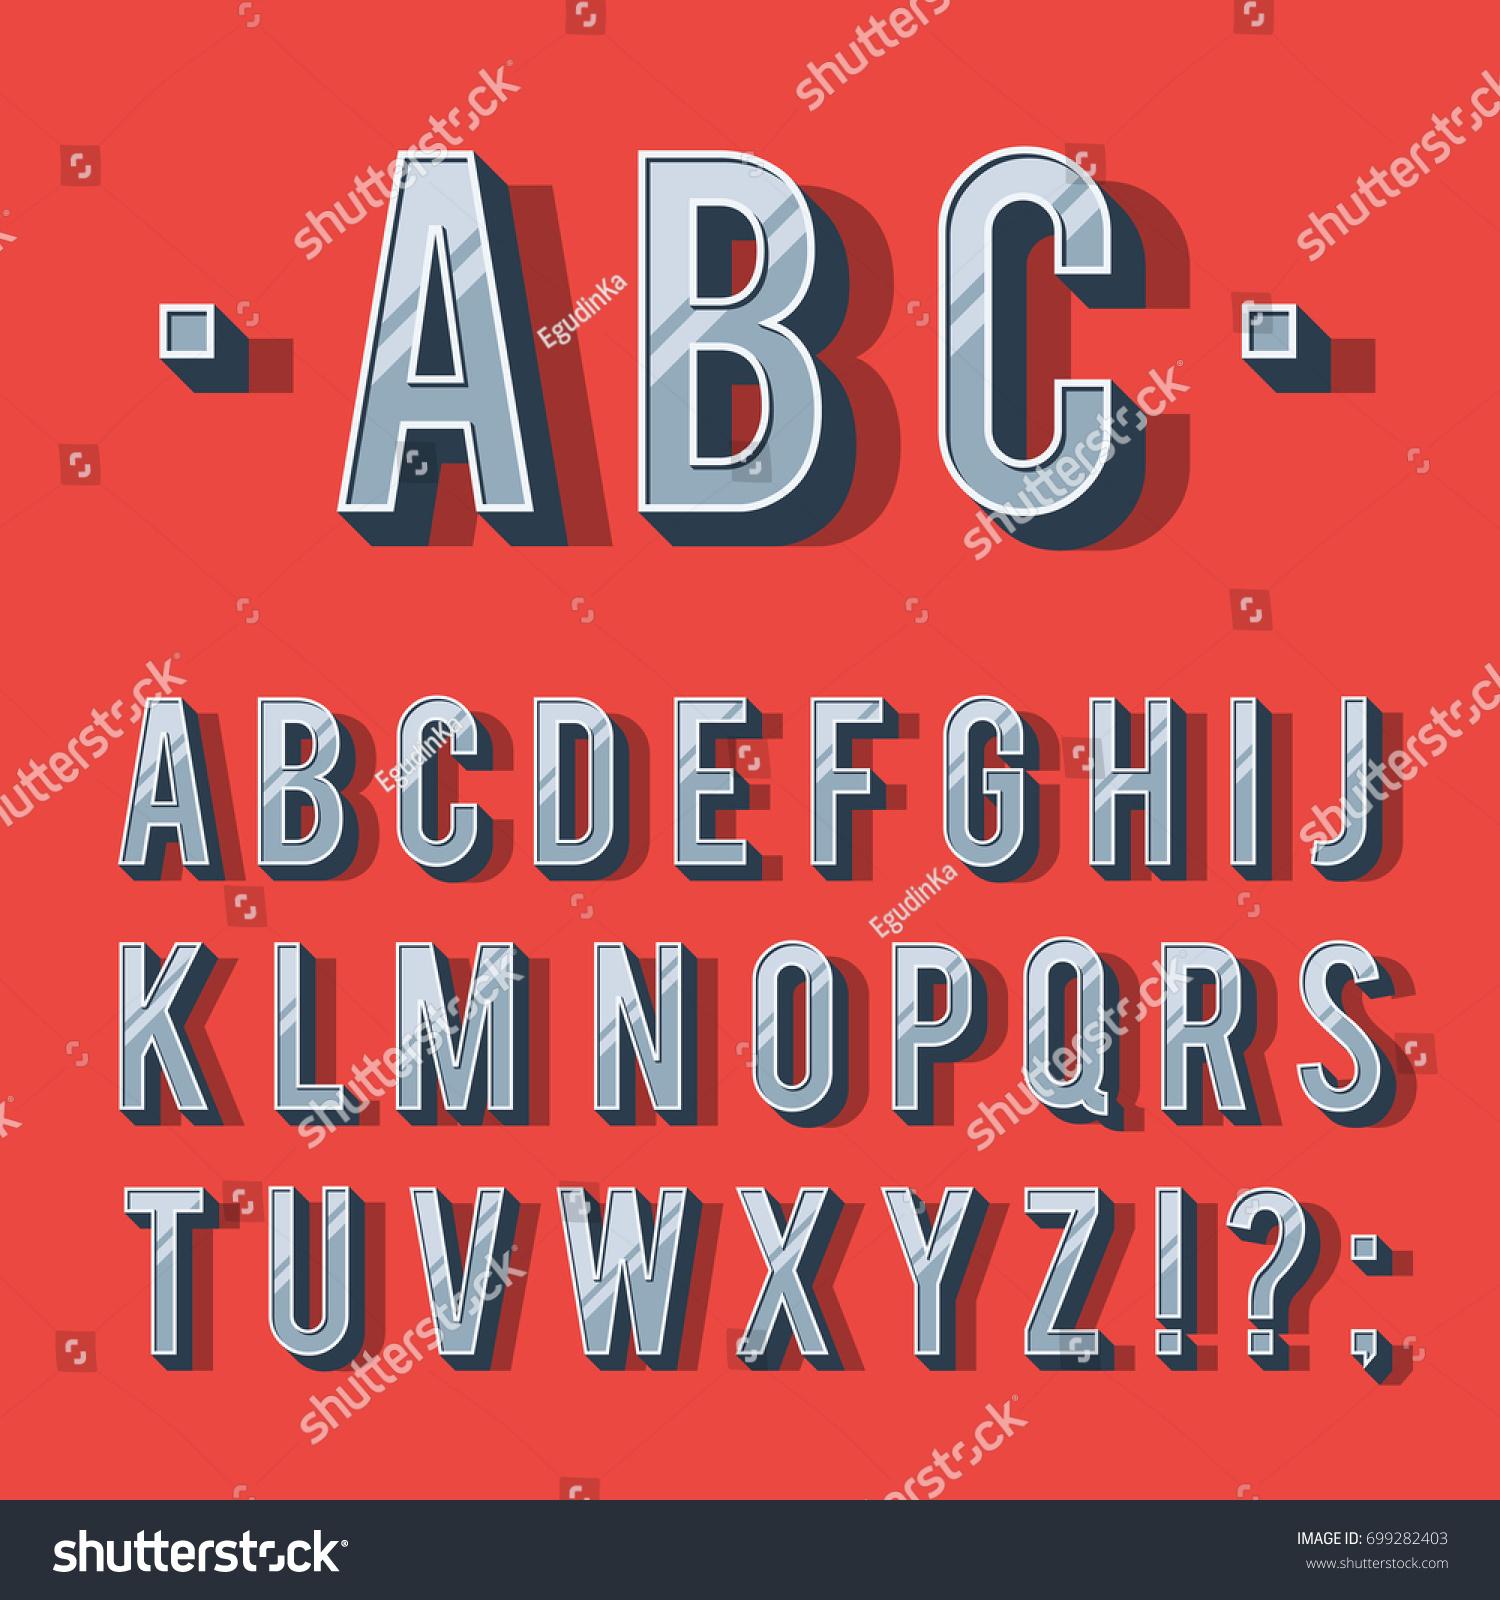 Image Vectorielle De Stock De Police De Type Rétro destiné Modèle D Alphabet